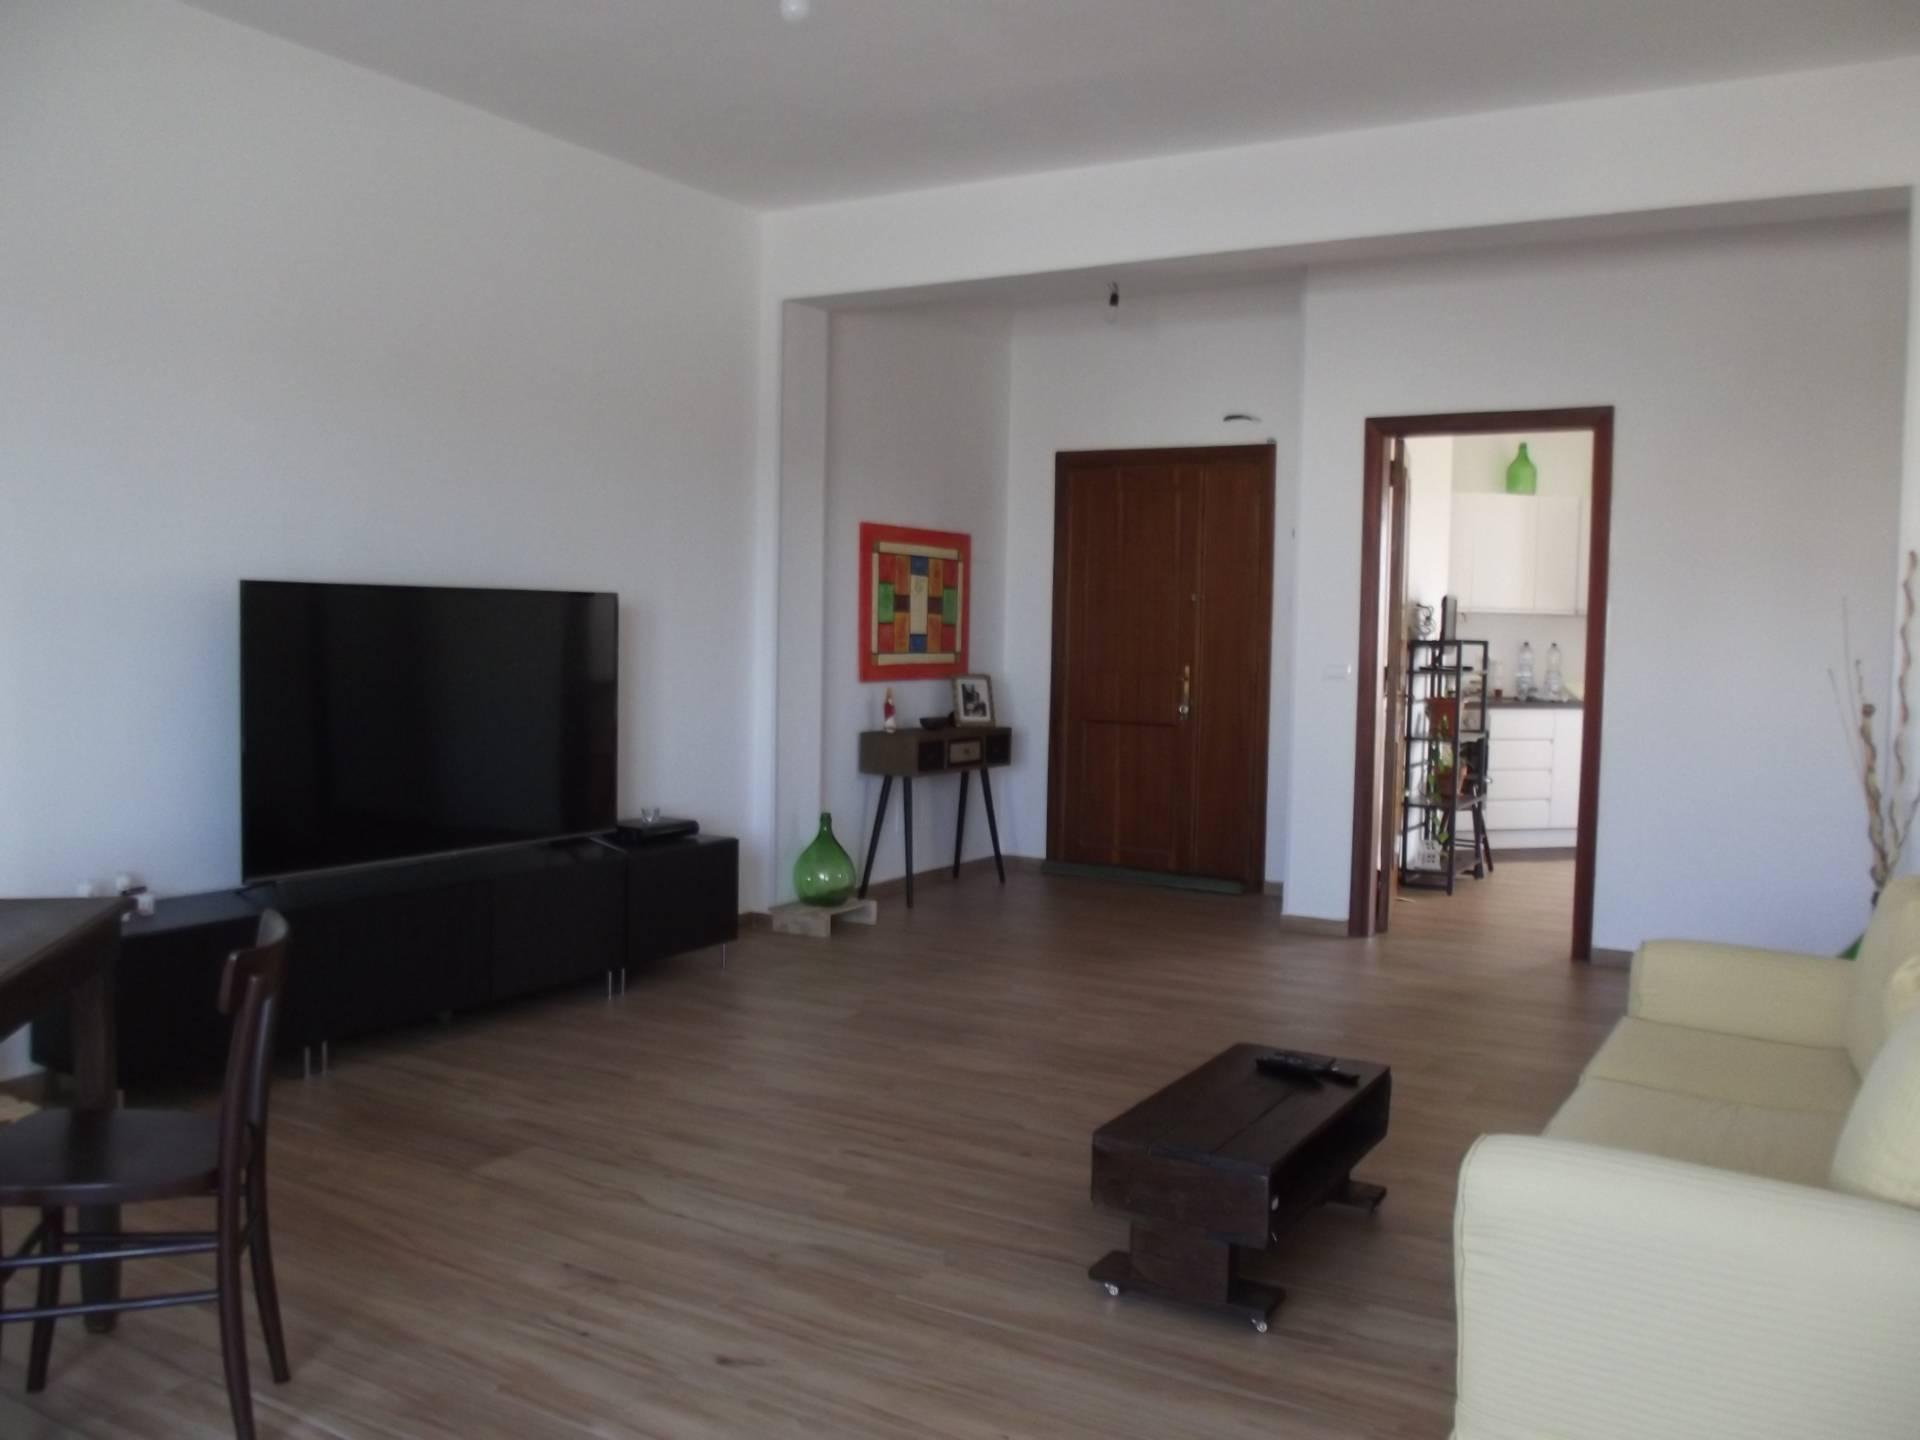 Appartamento in vendita a Surbo, 5 locali, prezzo € 105.000 | PortaleAgenzieImmobiliari.it